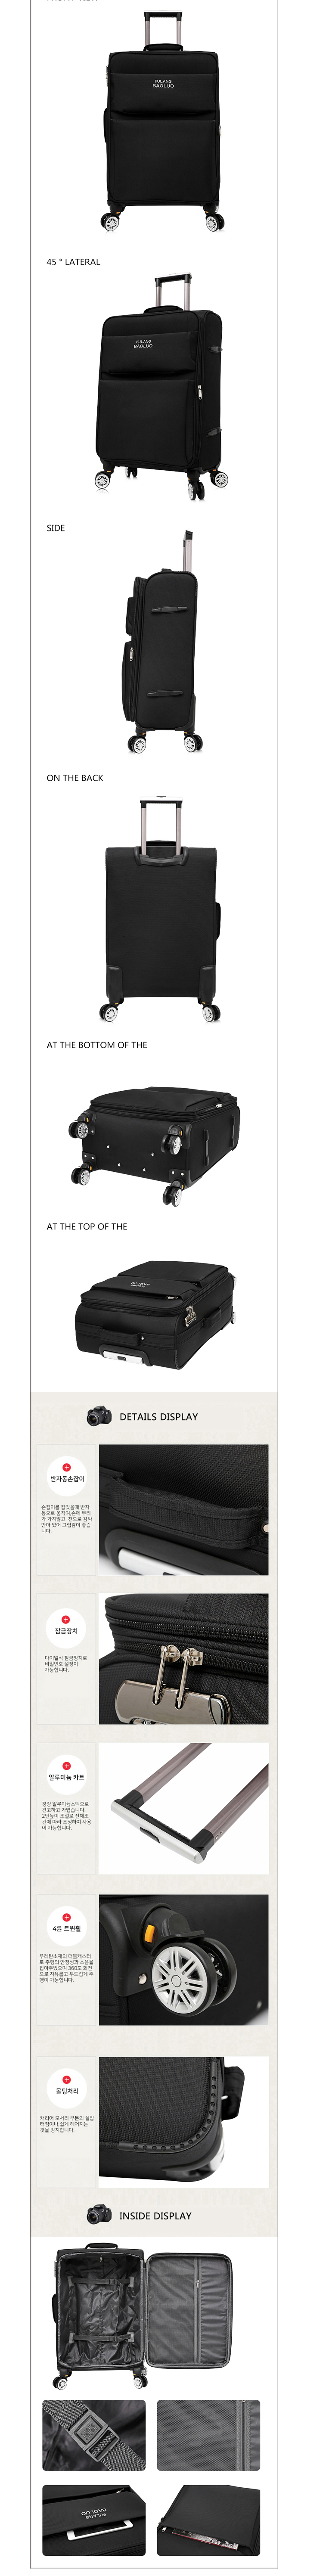 가방 및 여행용품,여행용캐리어,여행용가방,하드캐리어,